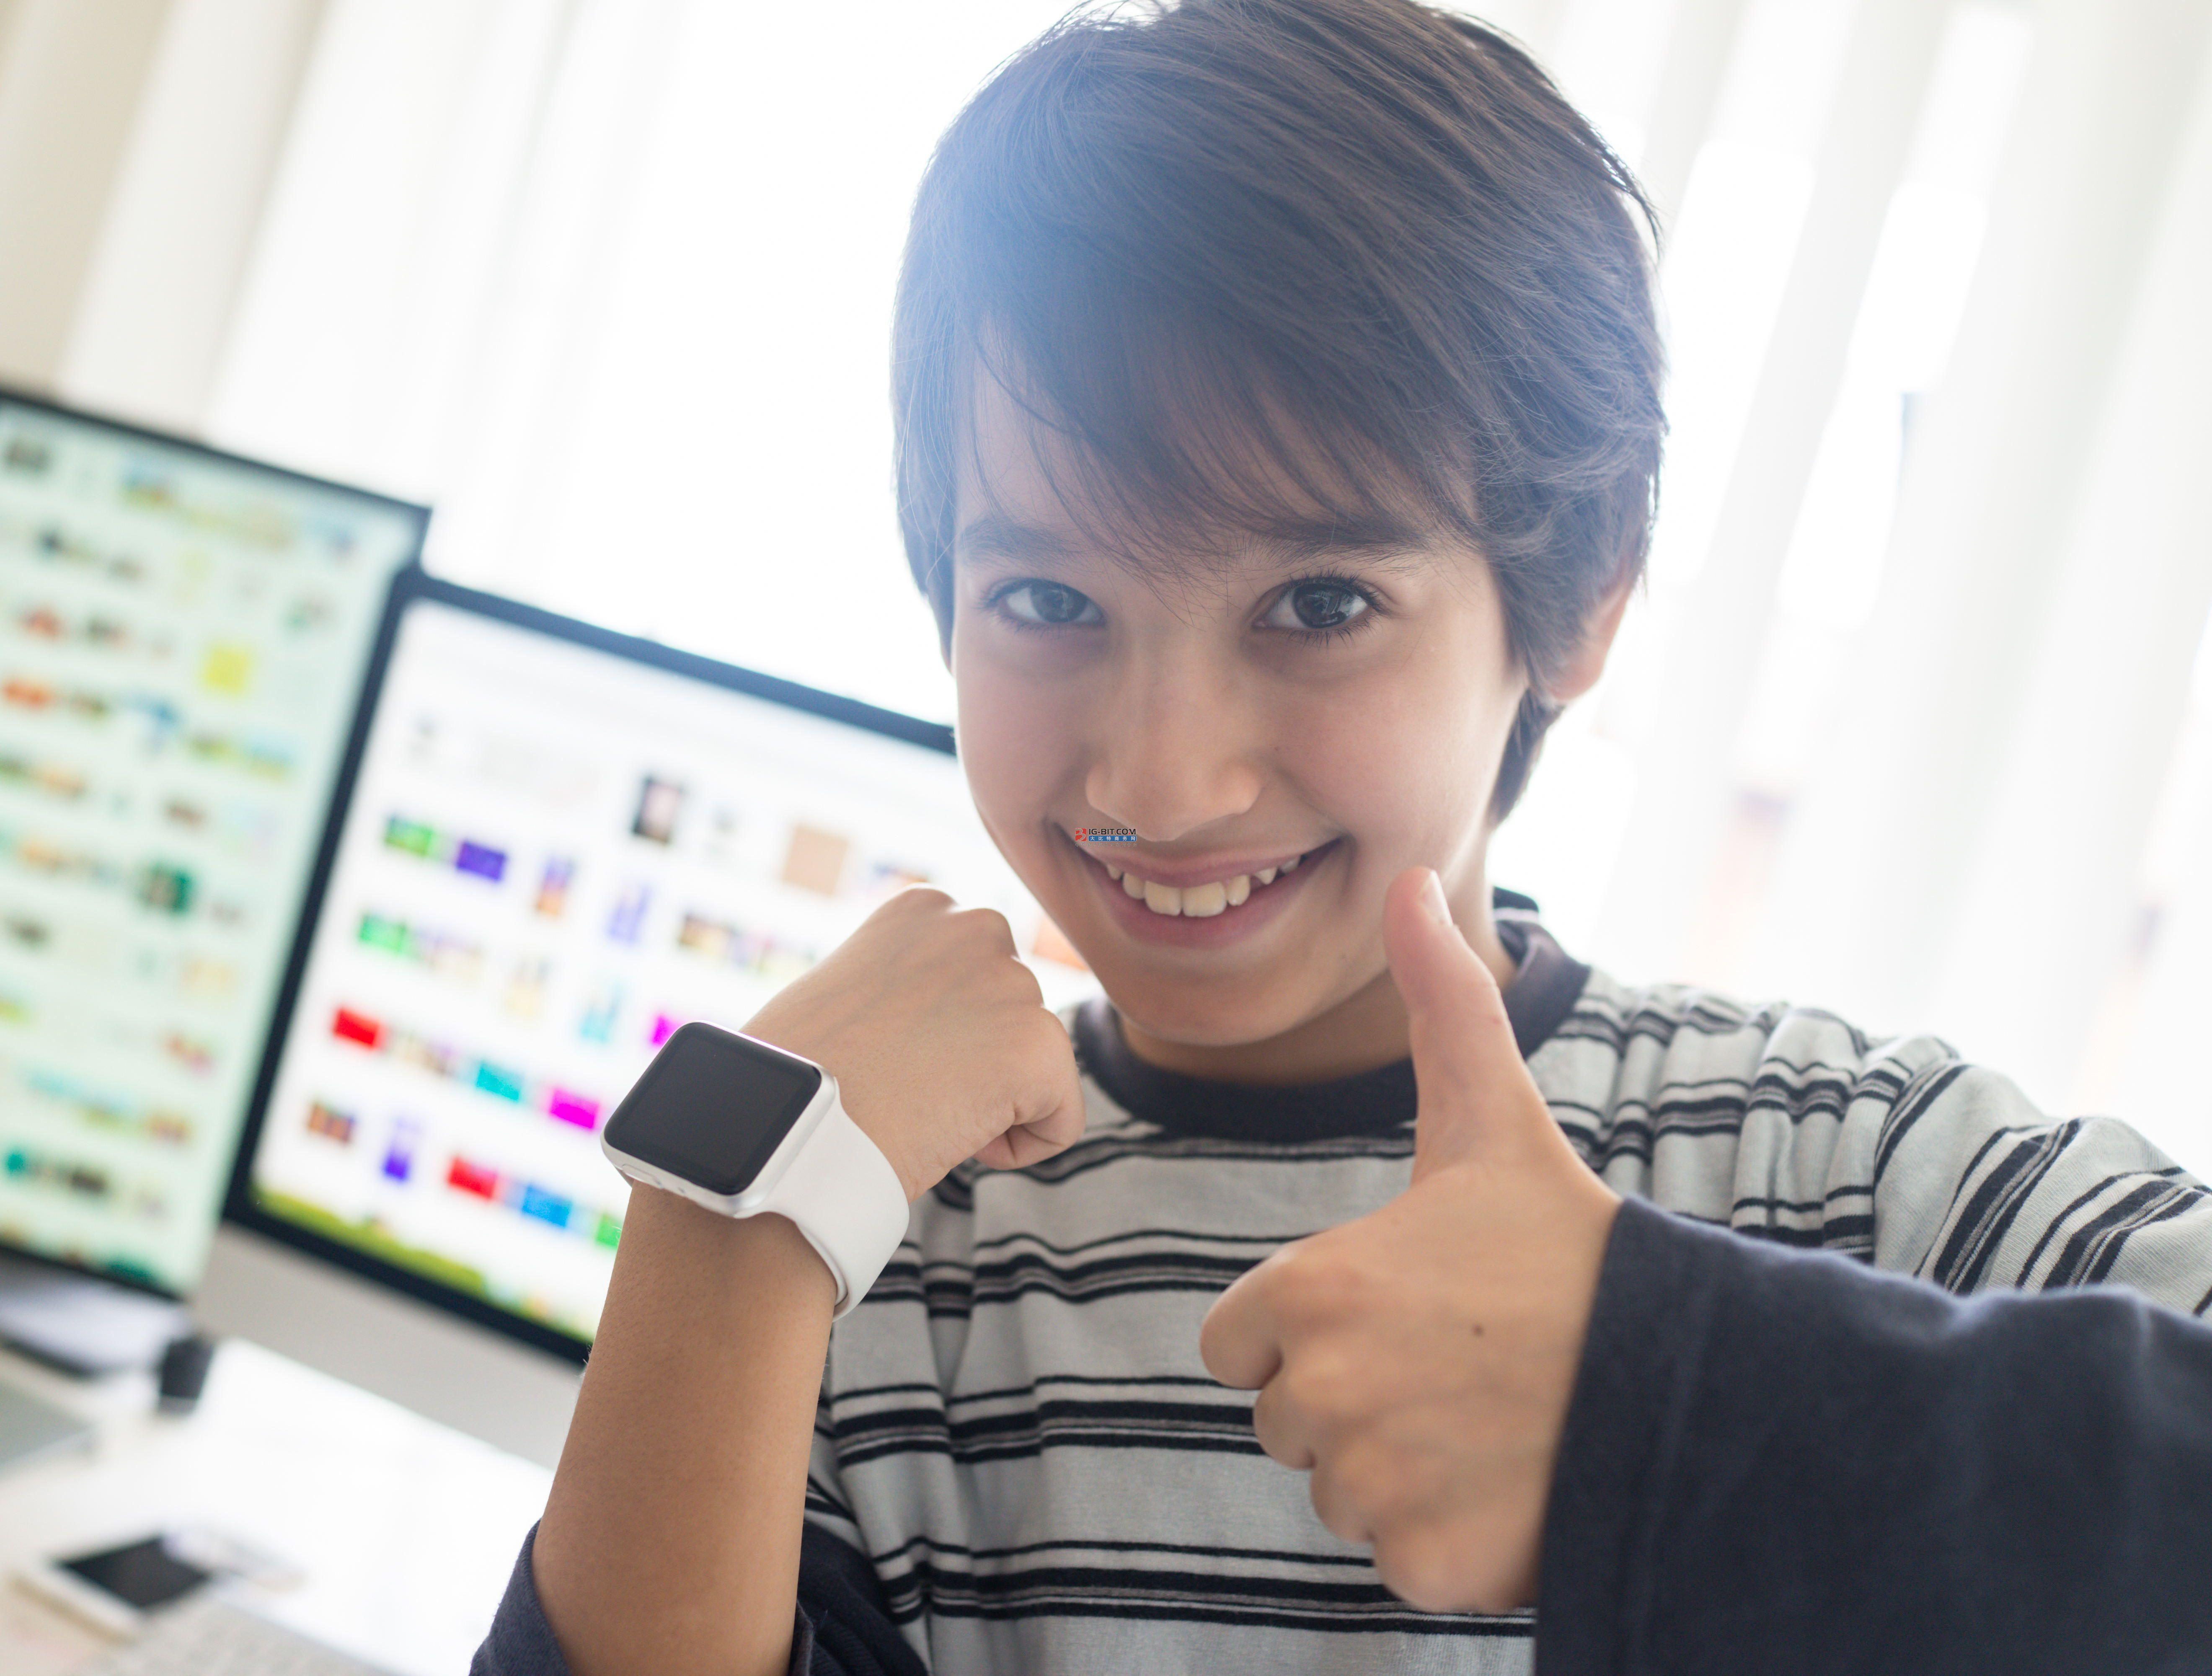 武装到手指!苹果又获一项伸缩戒指专利:可控制多种设备!